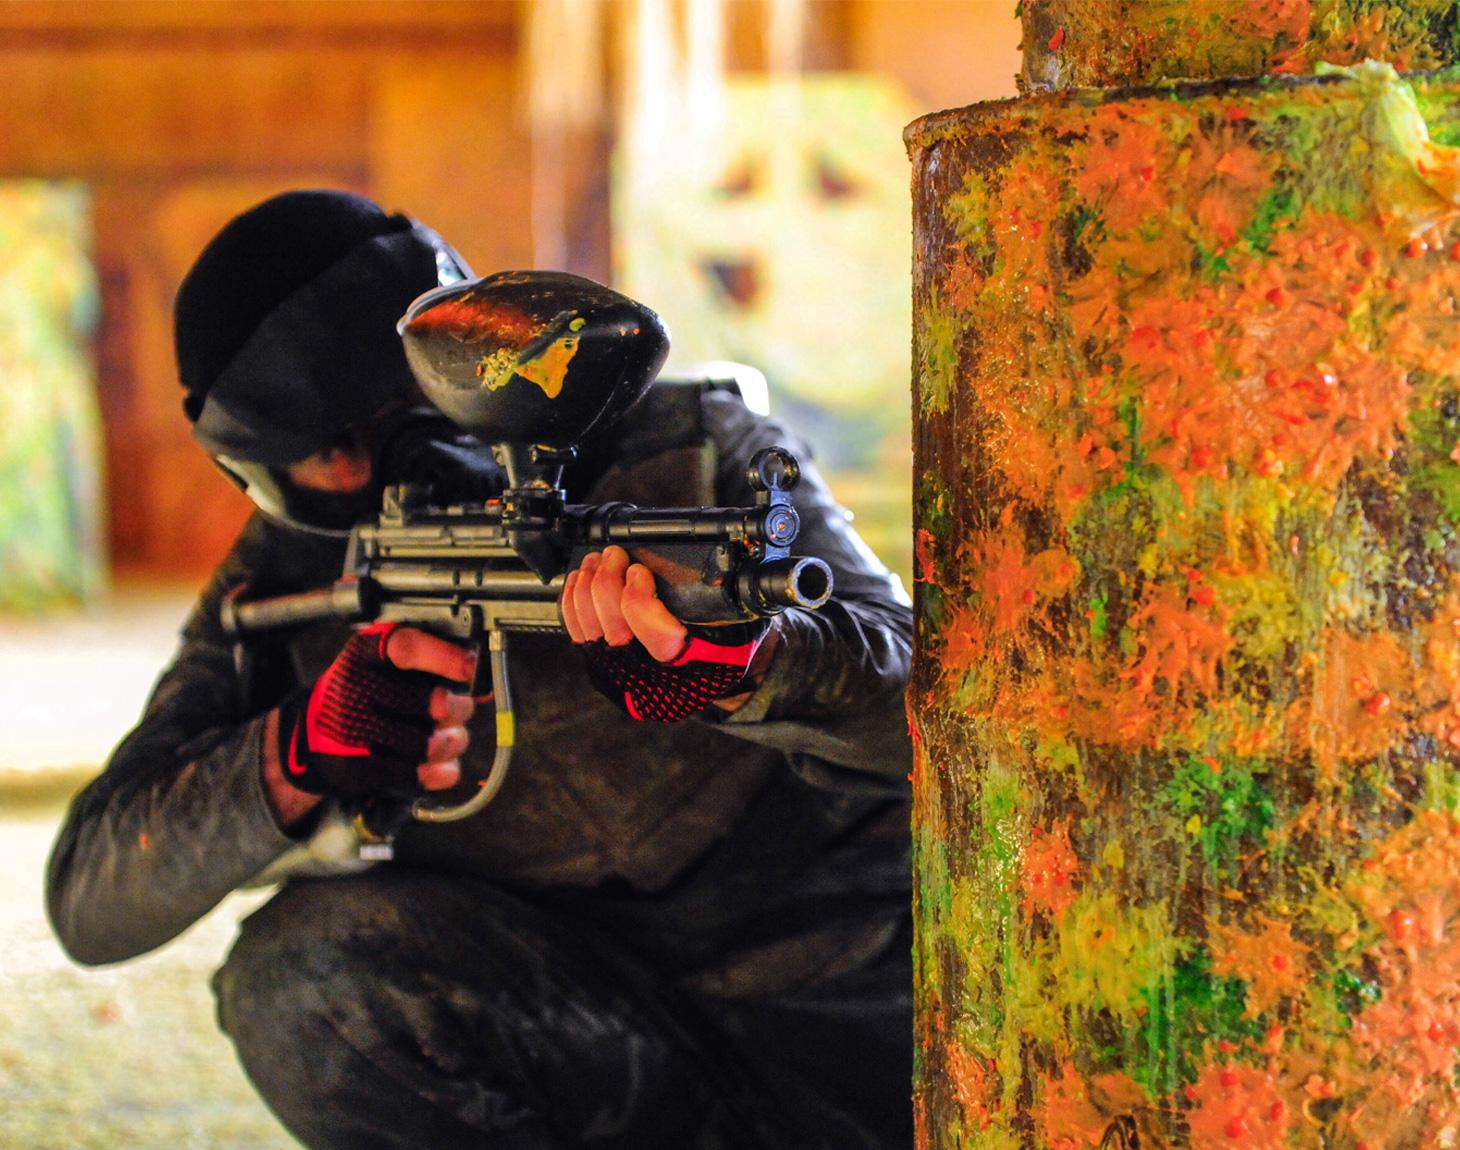 Homem de roupa preta atrás de um barril com marcas de tiros de paintball apontando arma de paintball.